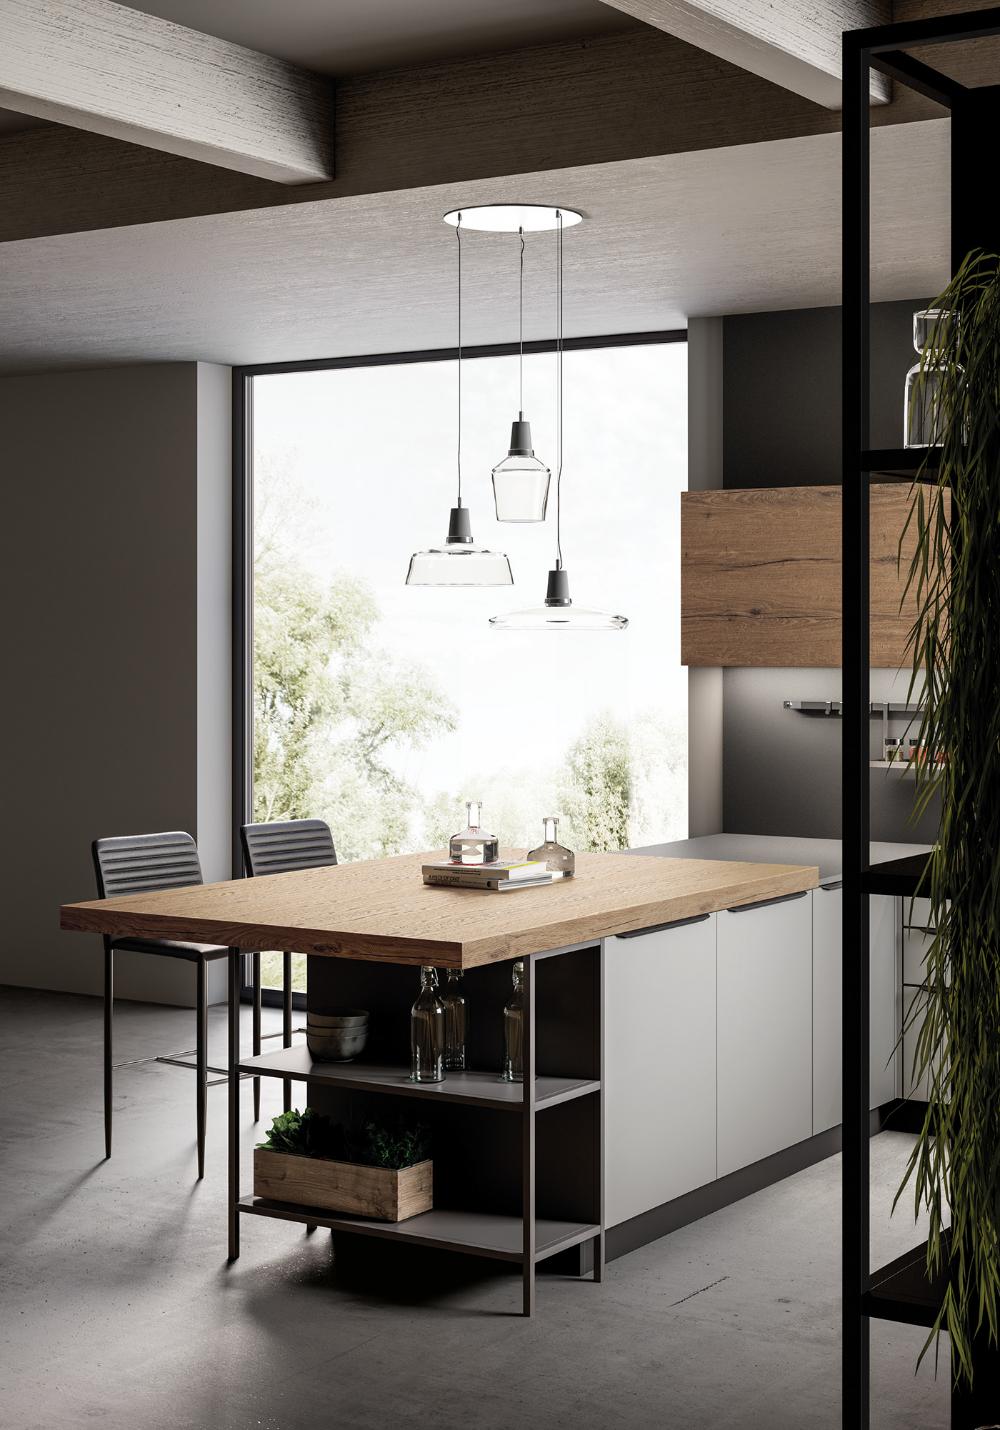 Kitchen 2019 on Behance Distressed kitchen